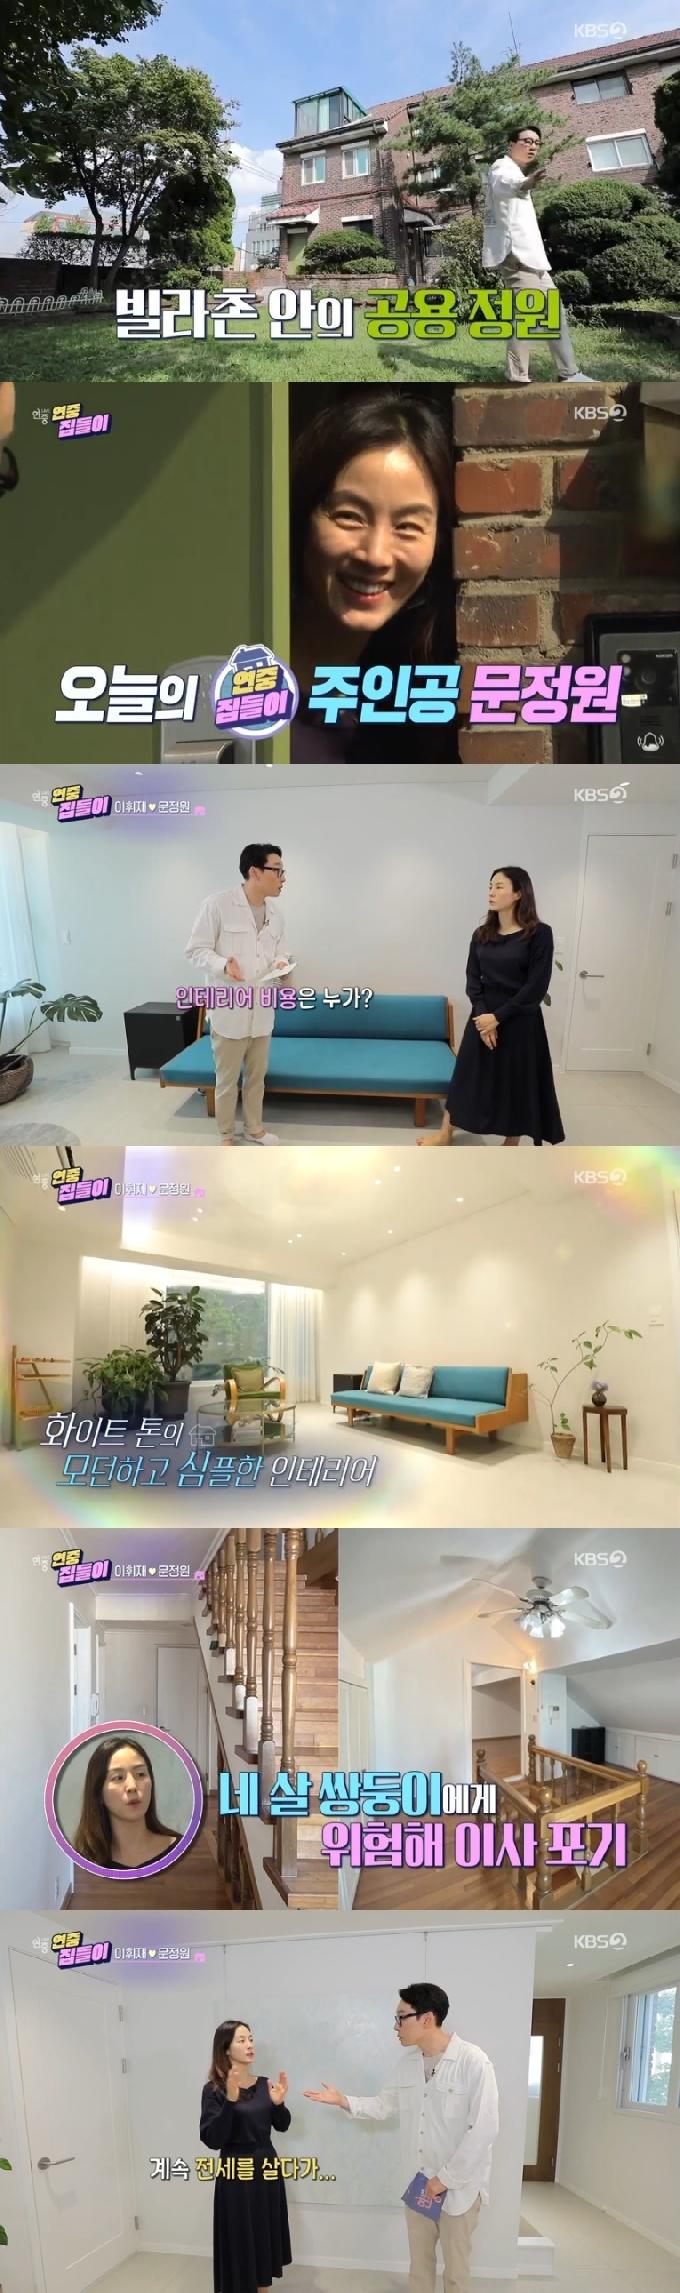 '연중 라이브' 이휘재♥문정원, 이사한 '3층 빌라' 공개…